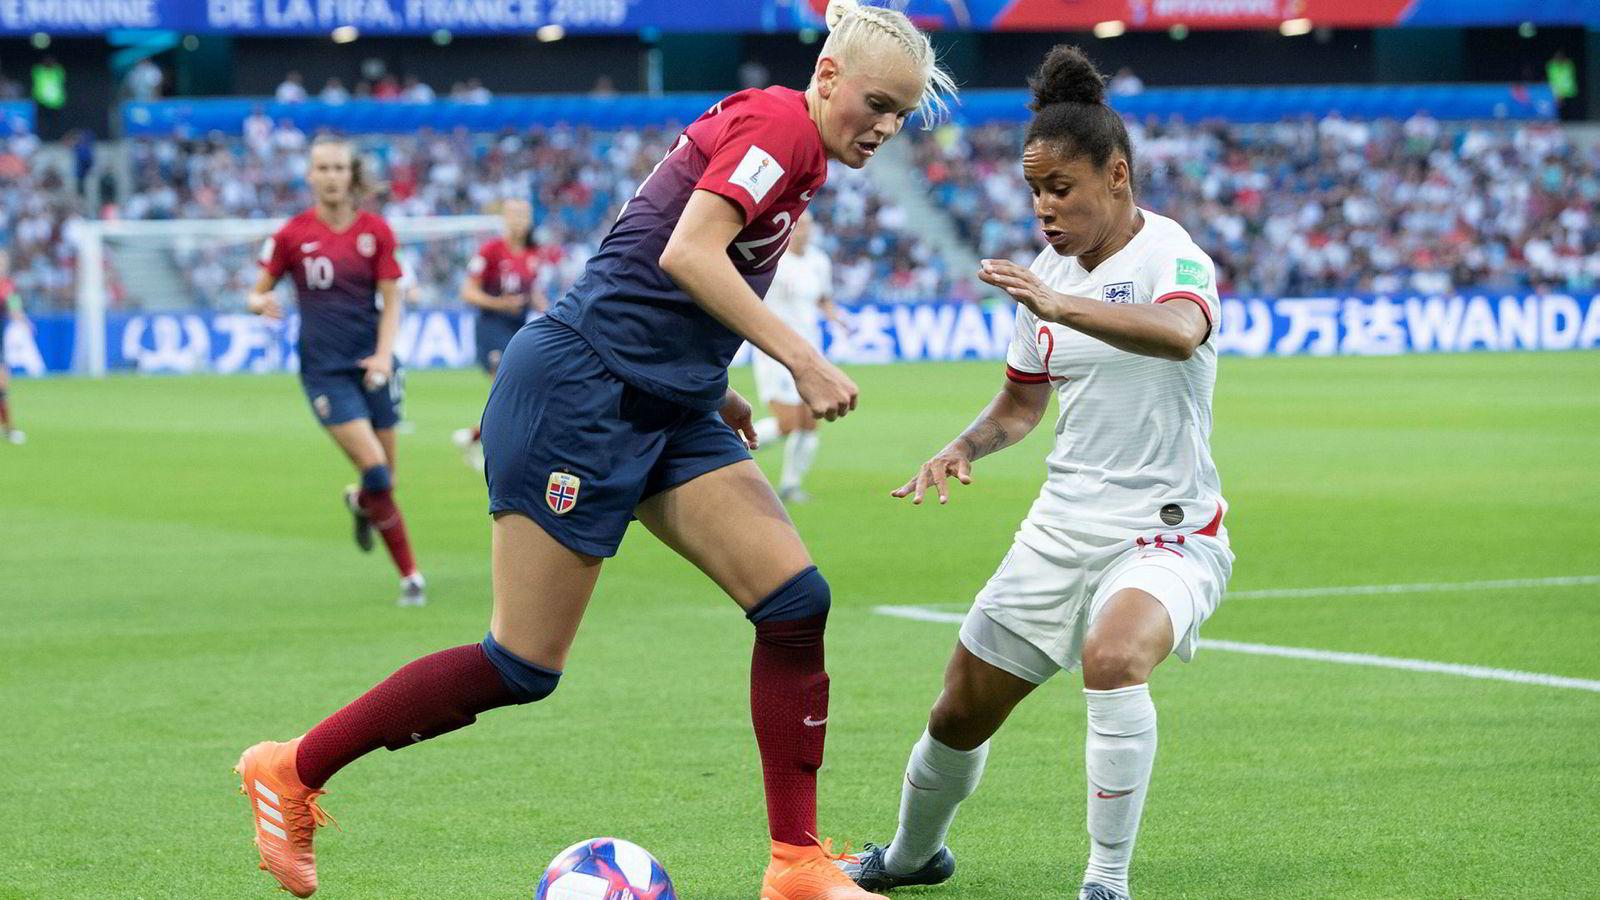 På det meste fikk 900.000 seere med seg Norge gå på et 0–3-tap mot England i årets kvartfinale i VM, de fleste av disse på tv-skjermen i sin egen stue. Likevel svikter seerne TV 2 og de andre kanalene ved å se stadig mindre lineær-tv.